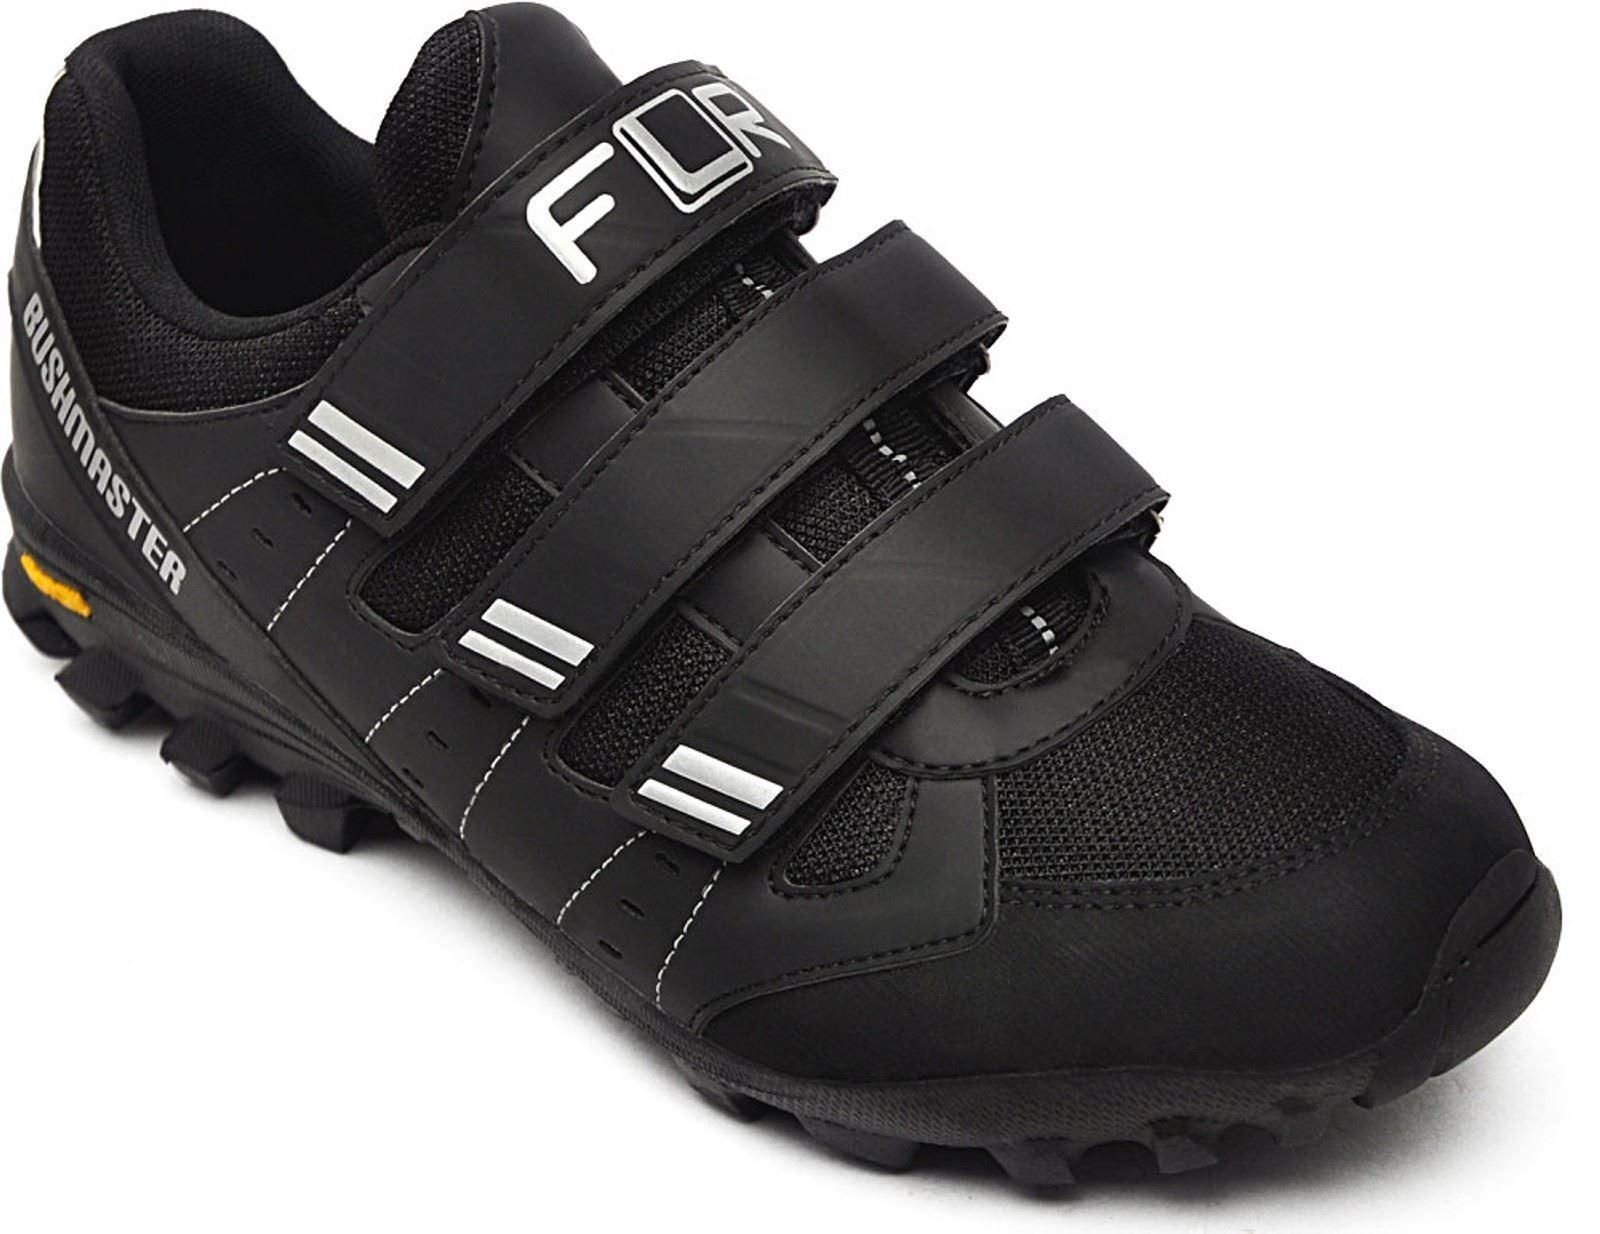 FLR Bushmaster MTB Trail  Zapatos en Negro Plata Con Cierre-tamaño 45  caliente